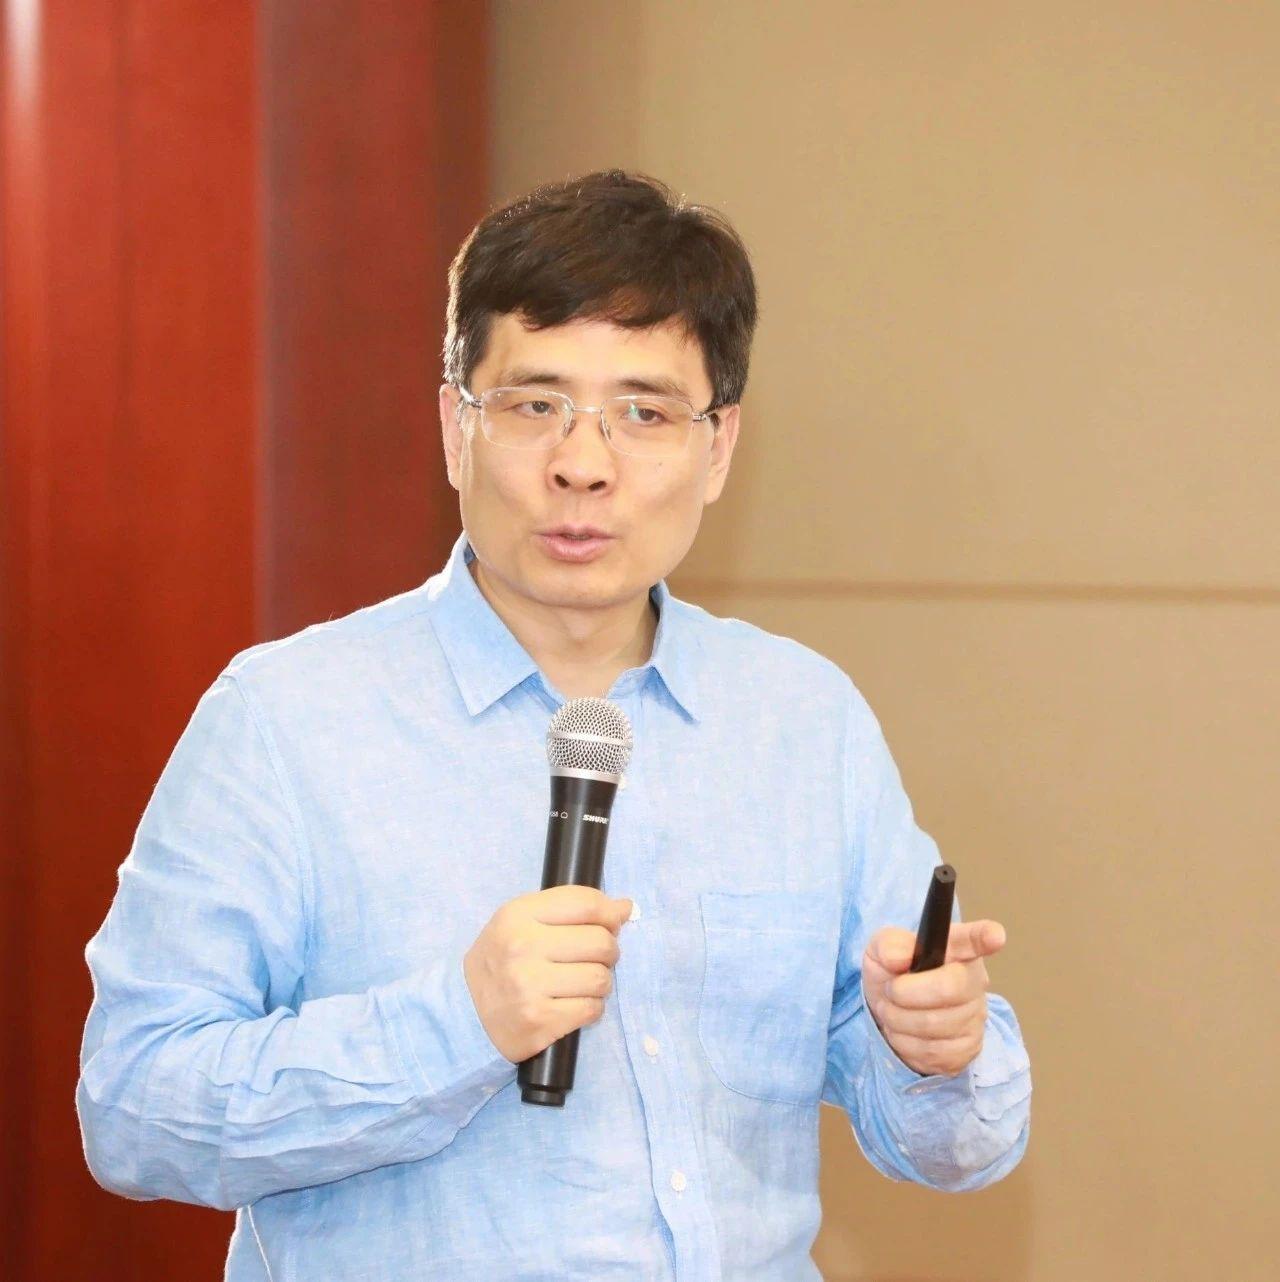 【聚焦两会】2013中国十大品牌年度人物周云杰:工业互联网、智慧家庭、疫苗接种安全等